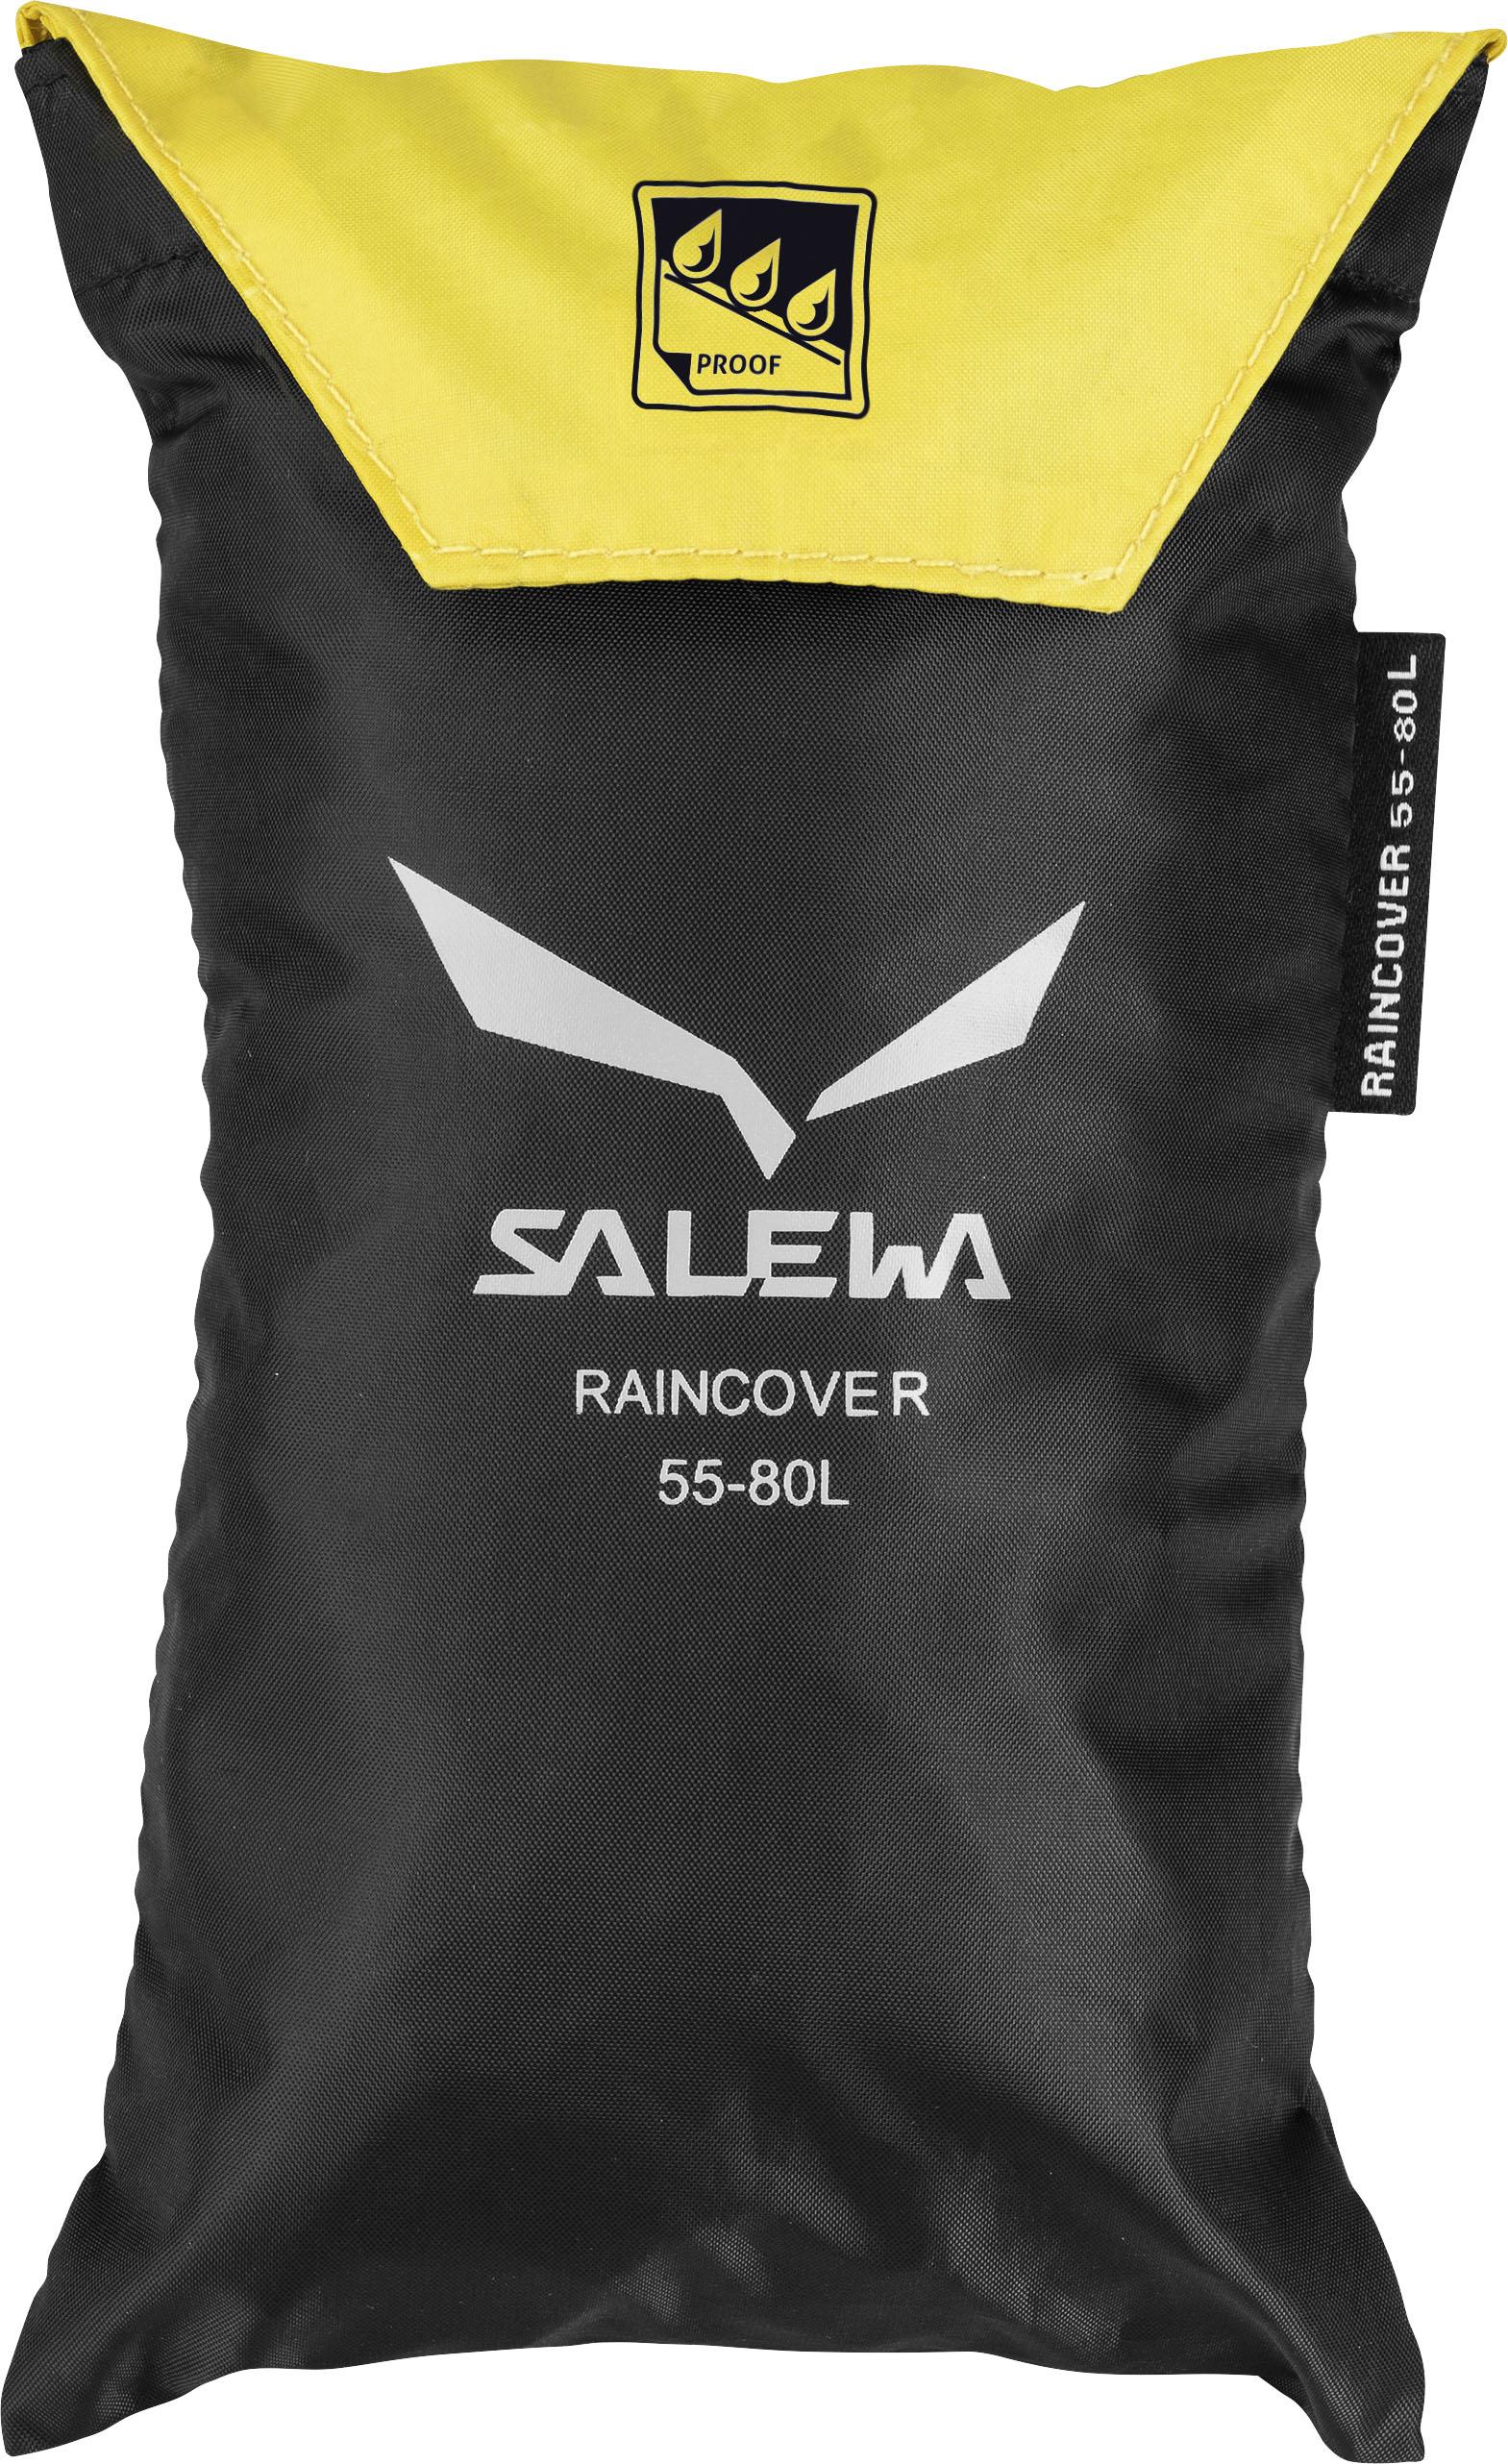 Чехол для рюкзака Salewa Accessories RAINCOVER FOR BACKPACKS 55-80L YELLOW /, Чехлы и накидки для рюкзаков - арт. 1004010294